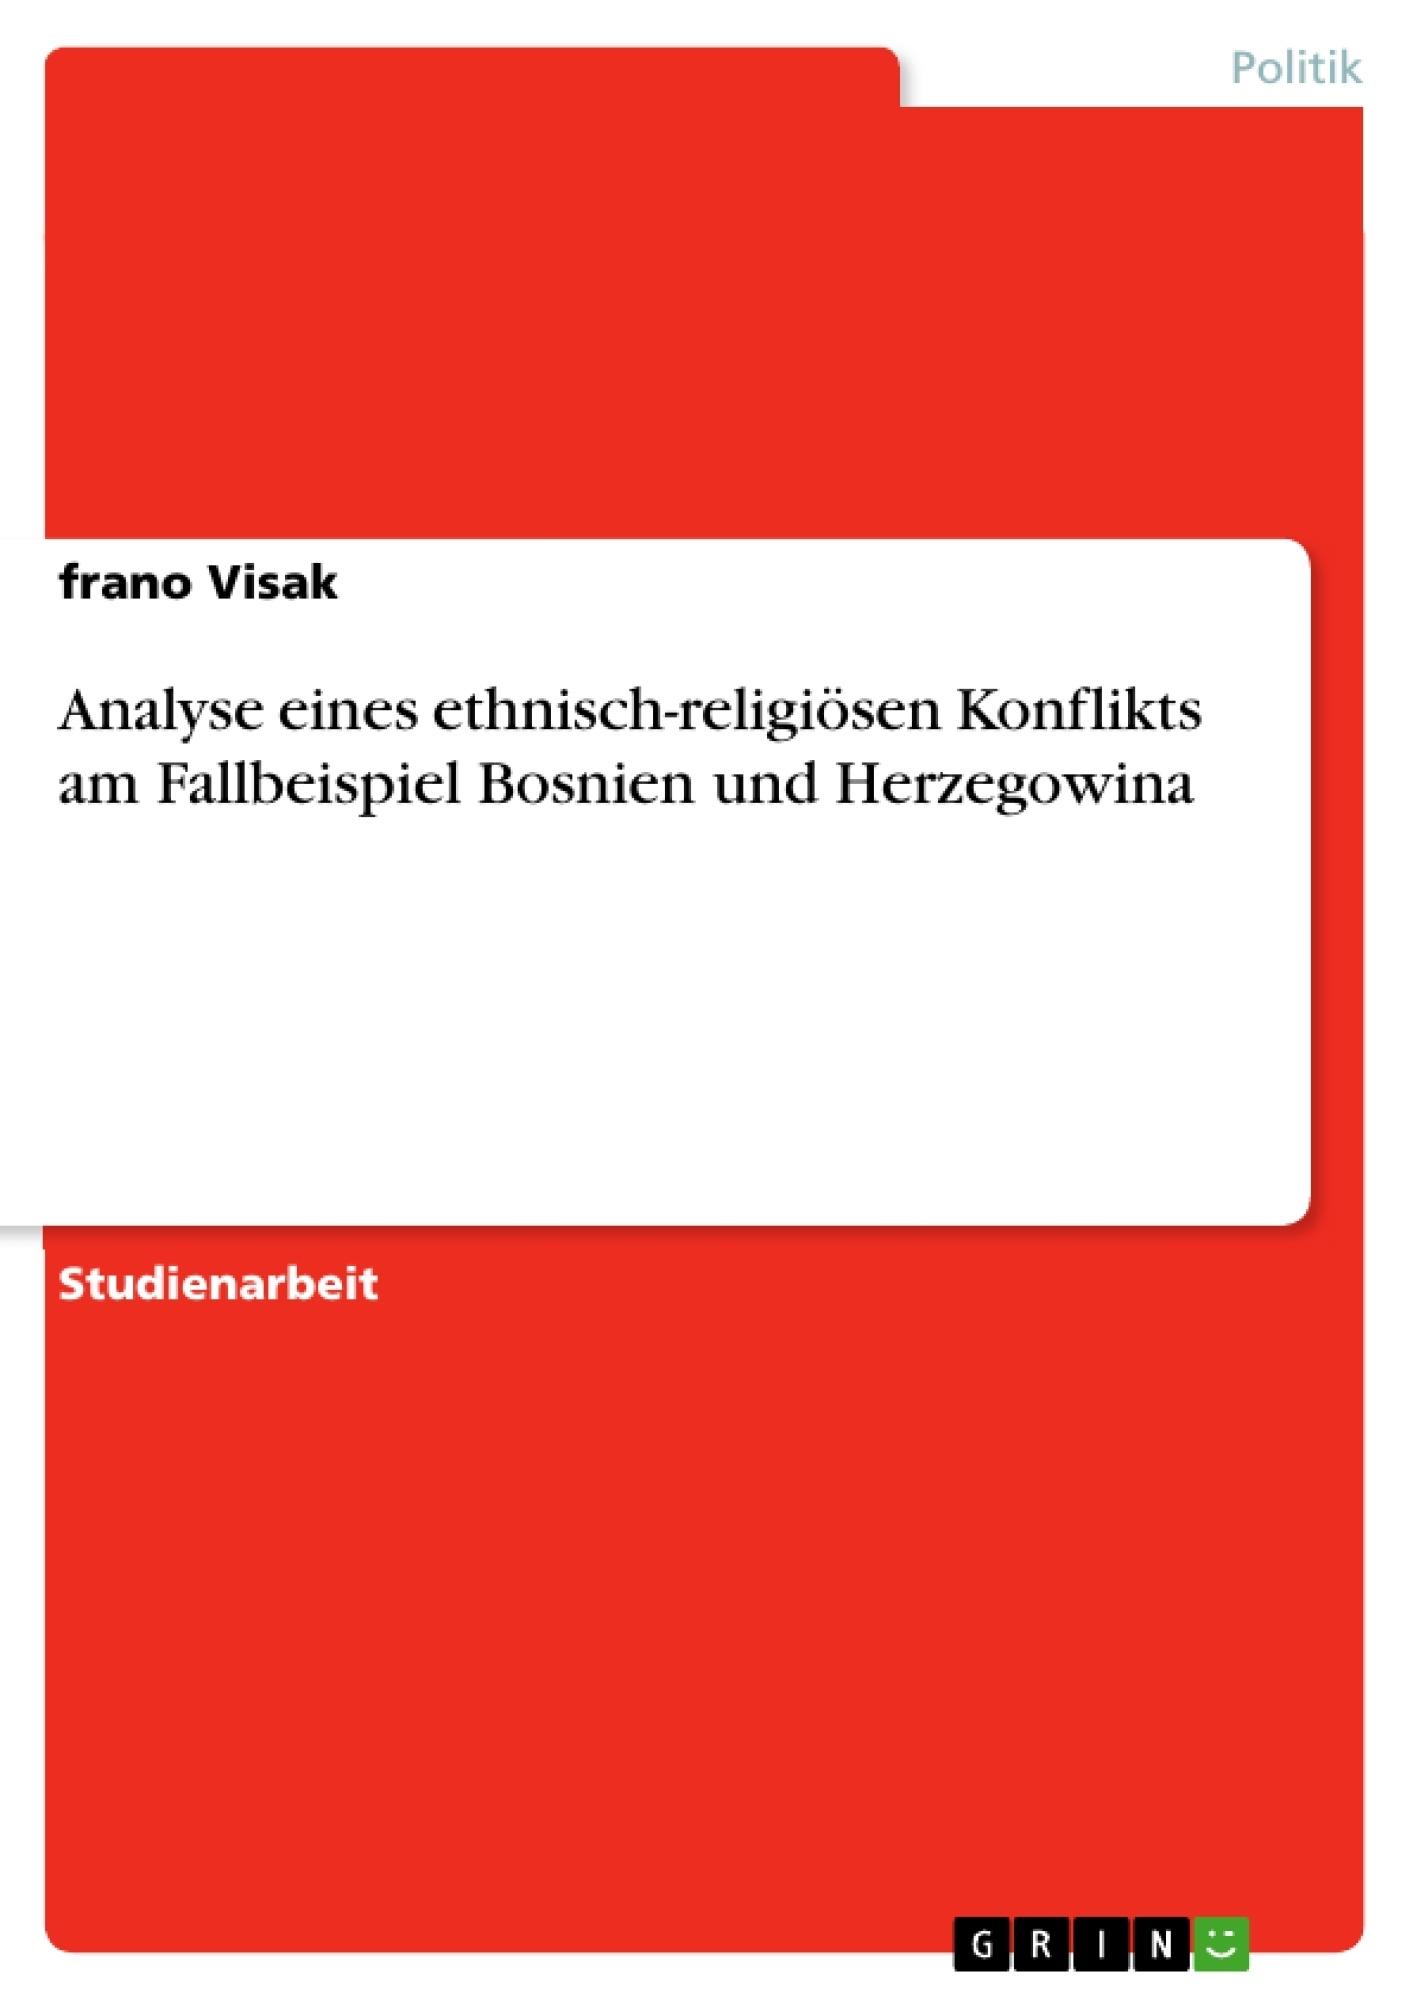 Titel: Analyse eines ethnisch-religiösen Konflikts am Fallbeispiel Bosnien und Herzegowina